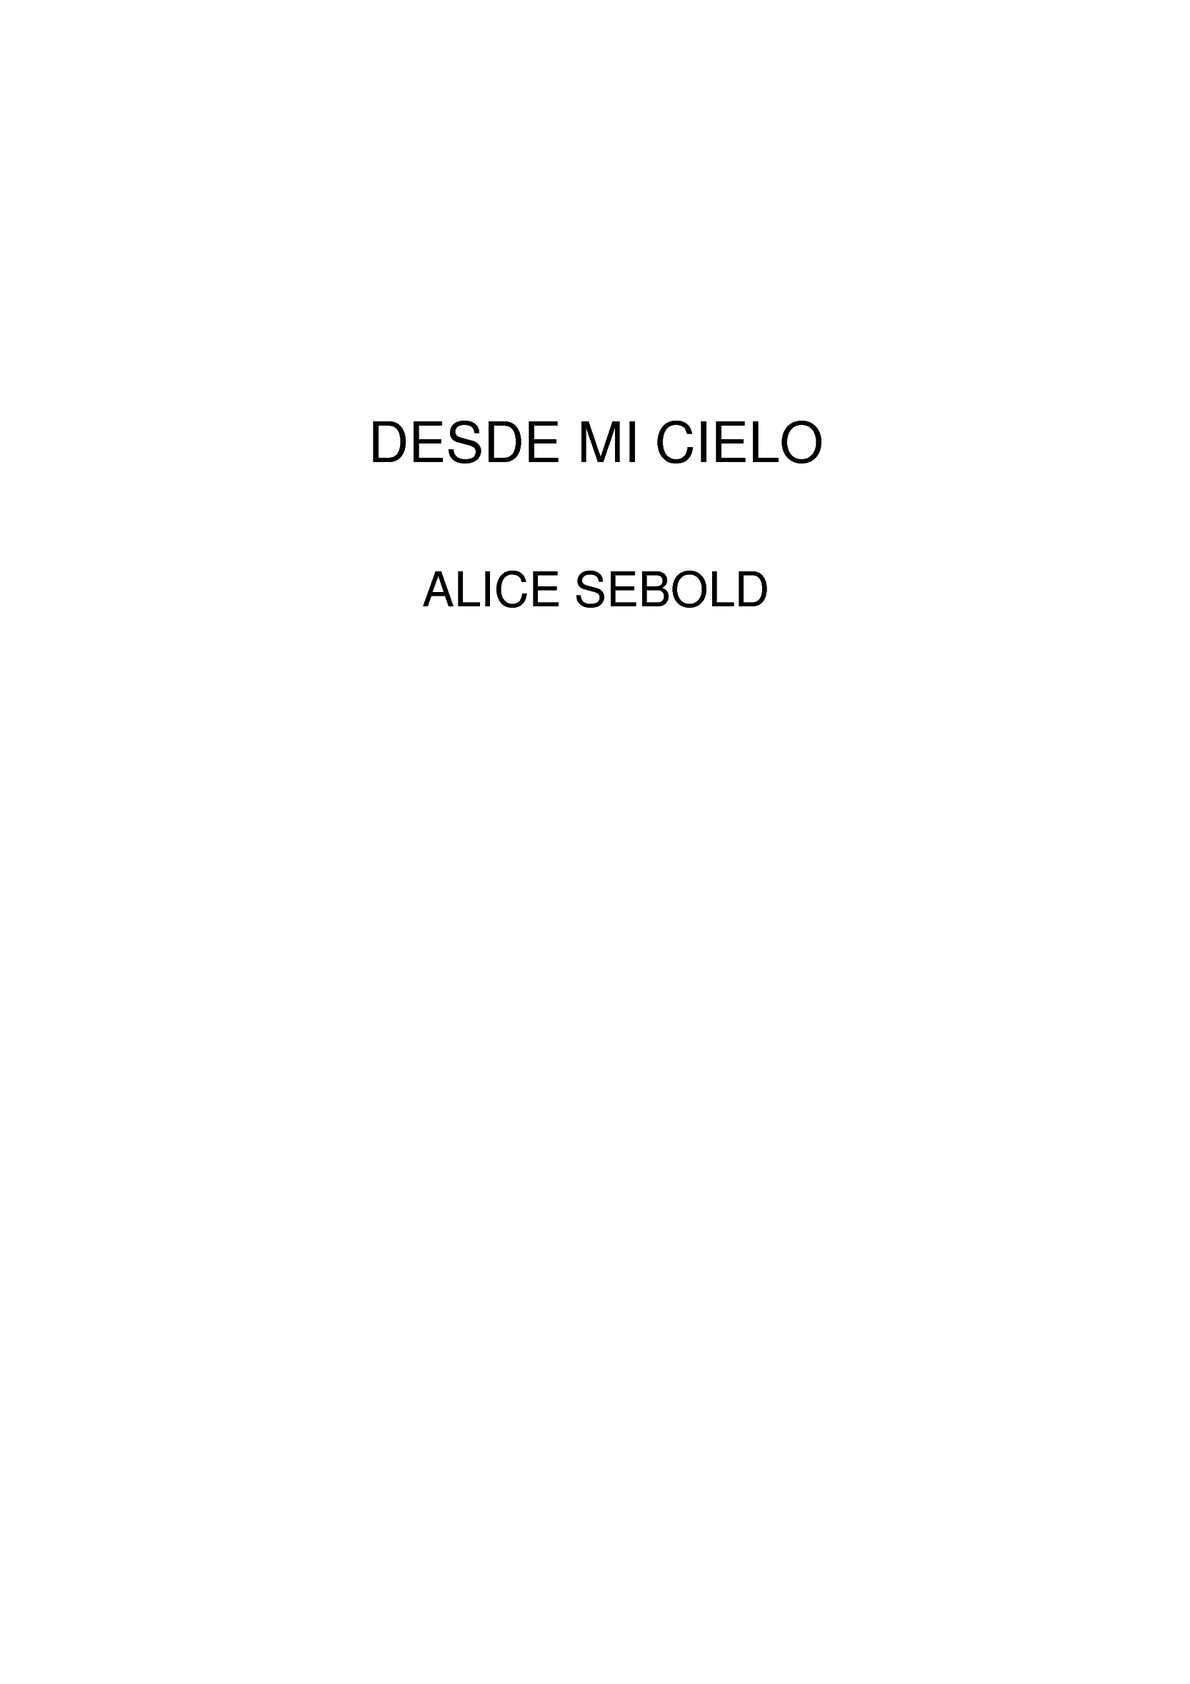 Cielo Libro Mi Pdf Calaméo Desde lJFcTK1